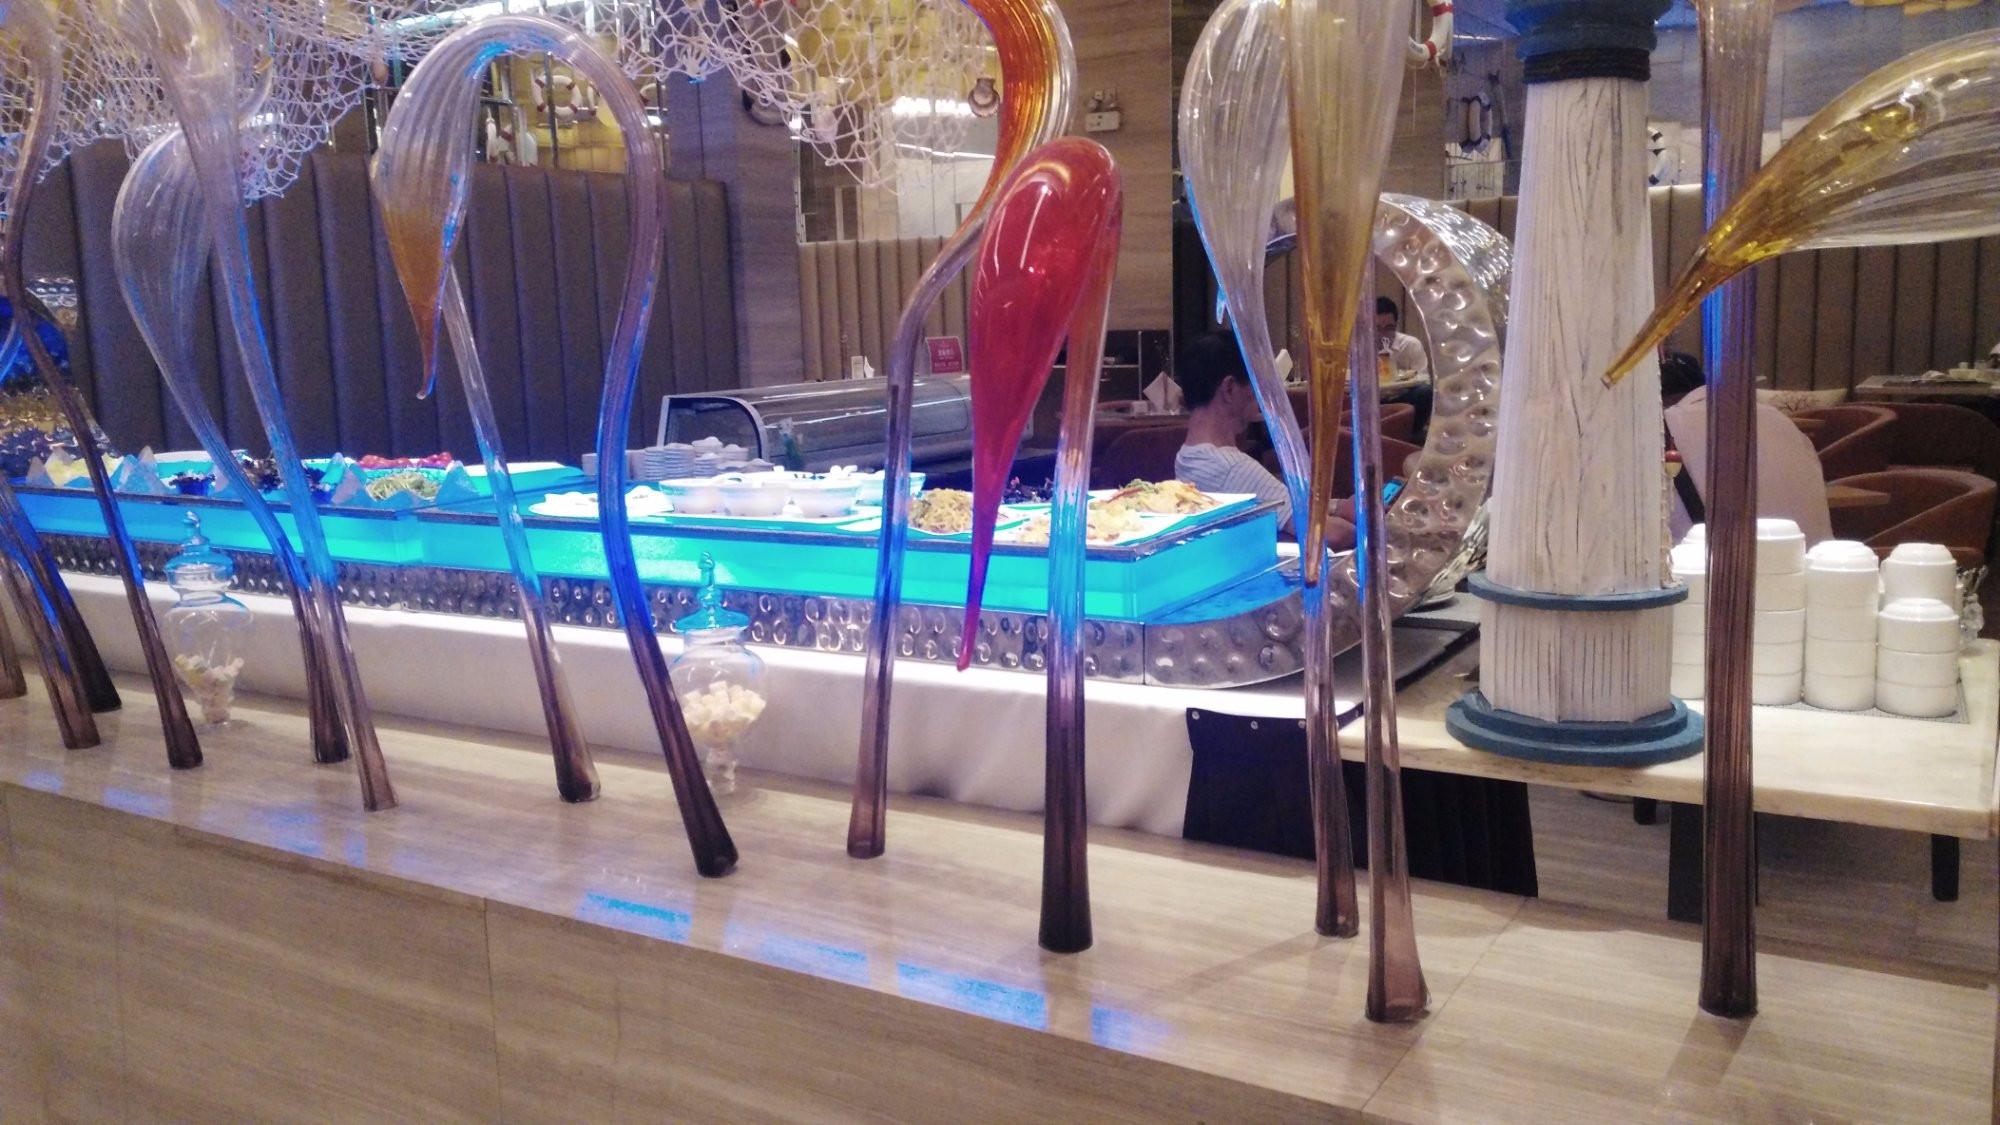 rainbow hardwood flooring reviews of ramada plaza shenzhen north 56 i¶7i¶8i¶ updated 2018 prices within ramada plaza shenzhen north 56 i¶7i¶8i¶ updated 2018 prices hotel reviews china tripadvisor